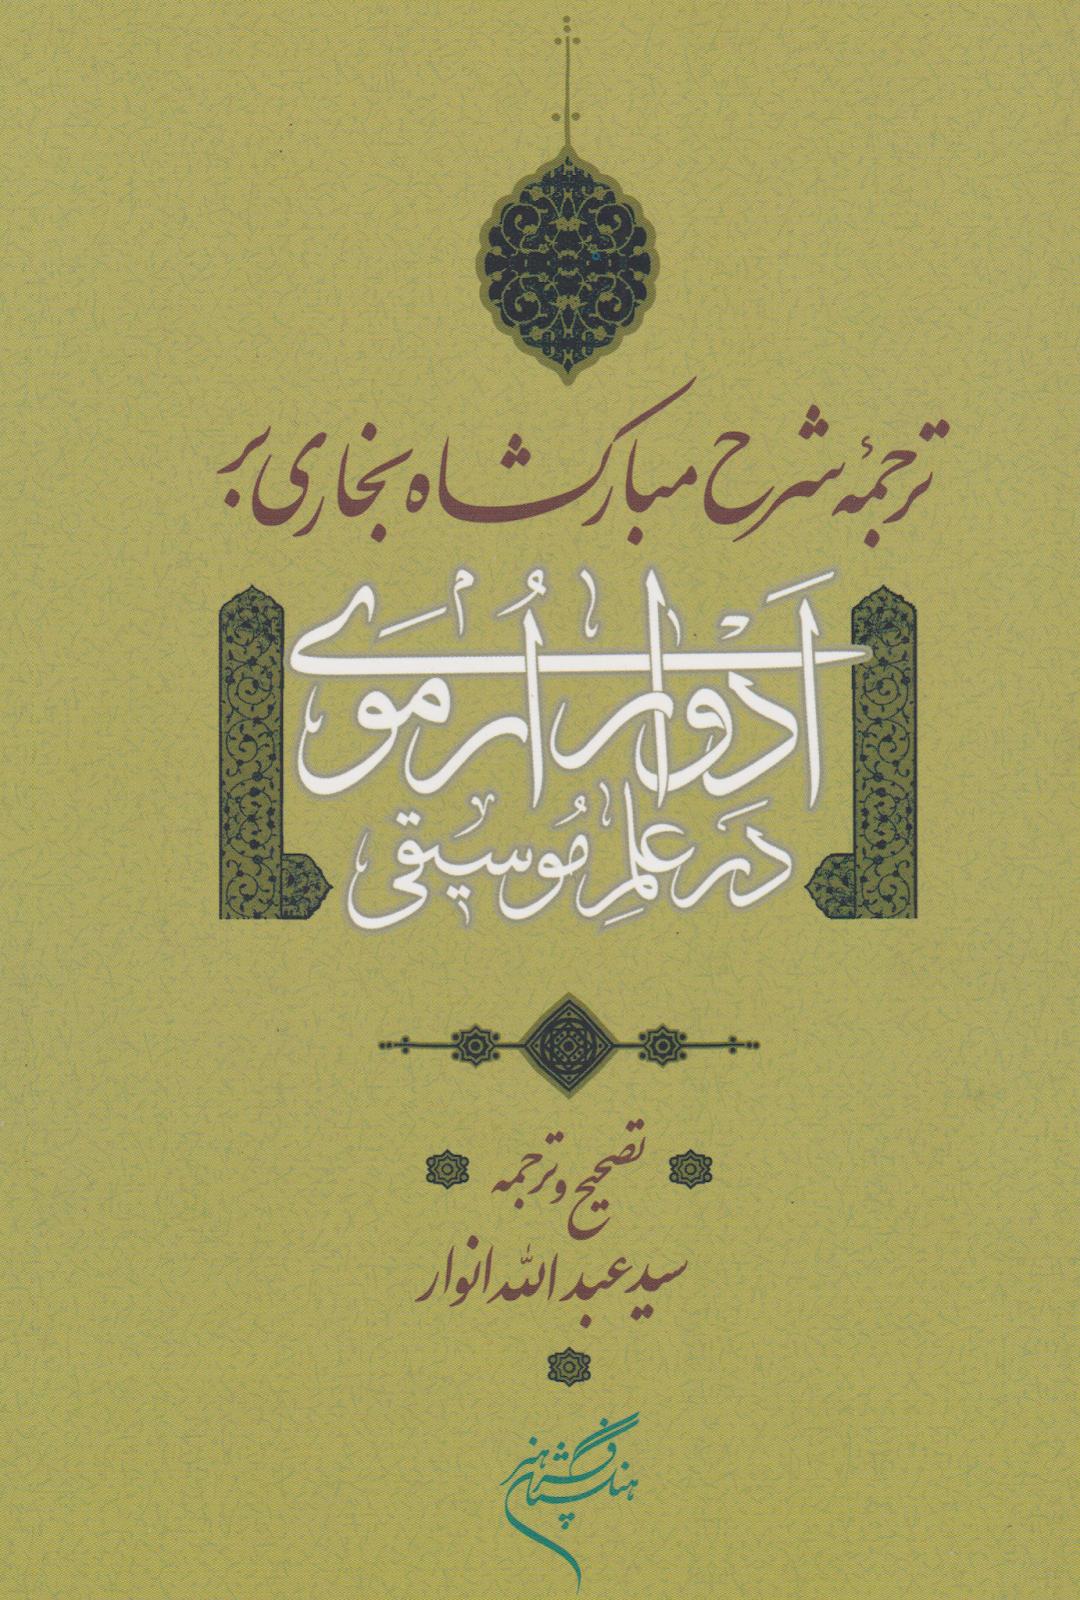 کتاب ادوار ارموی در علم موسیقی مبارکشاه بخاری سیدعبدالله انوار انتشارات فرهنگستان هنر